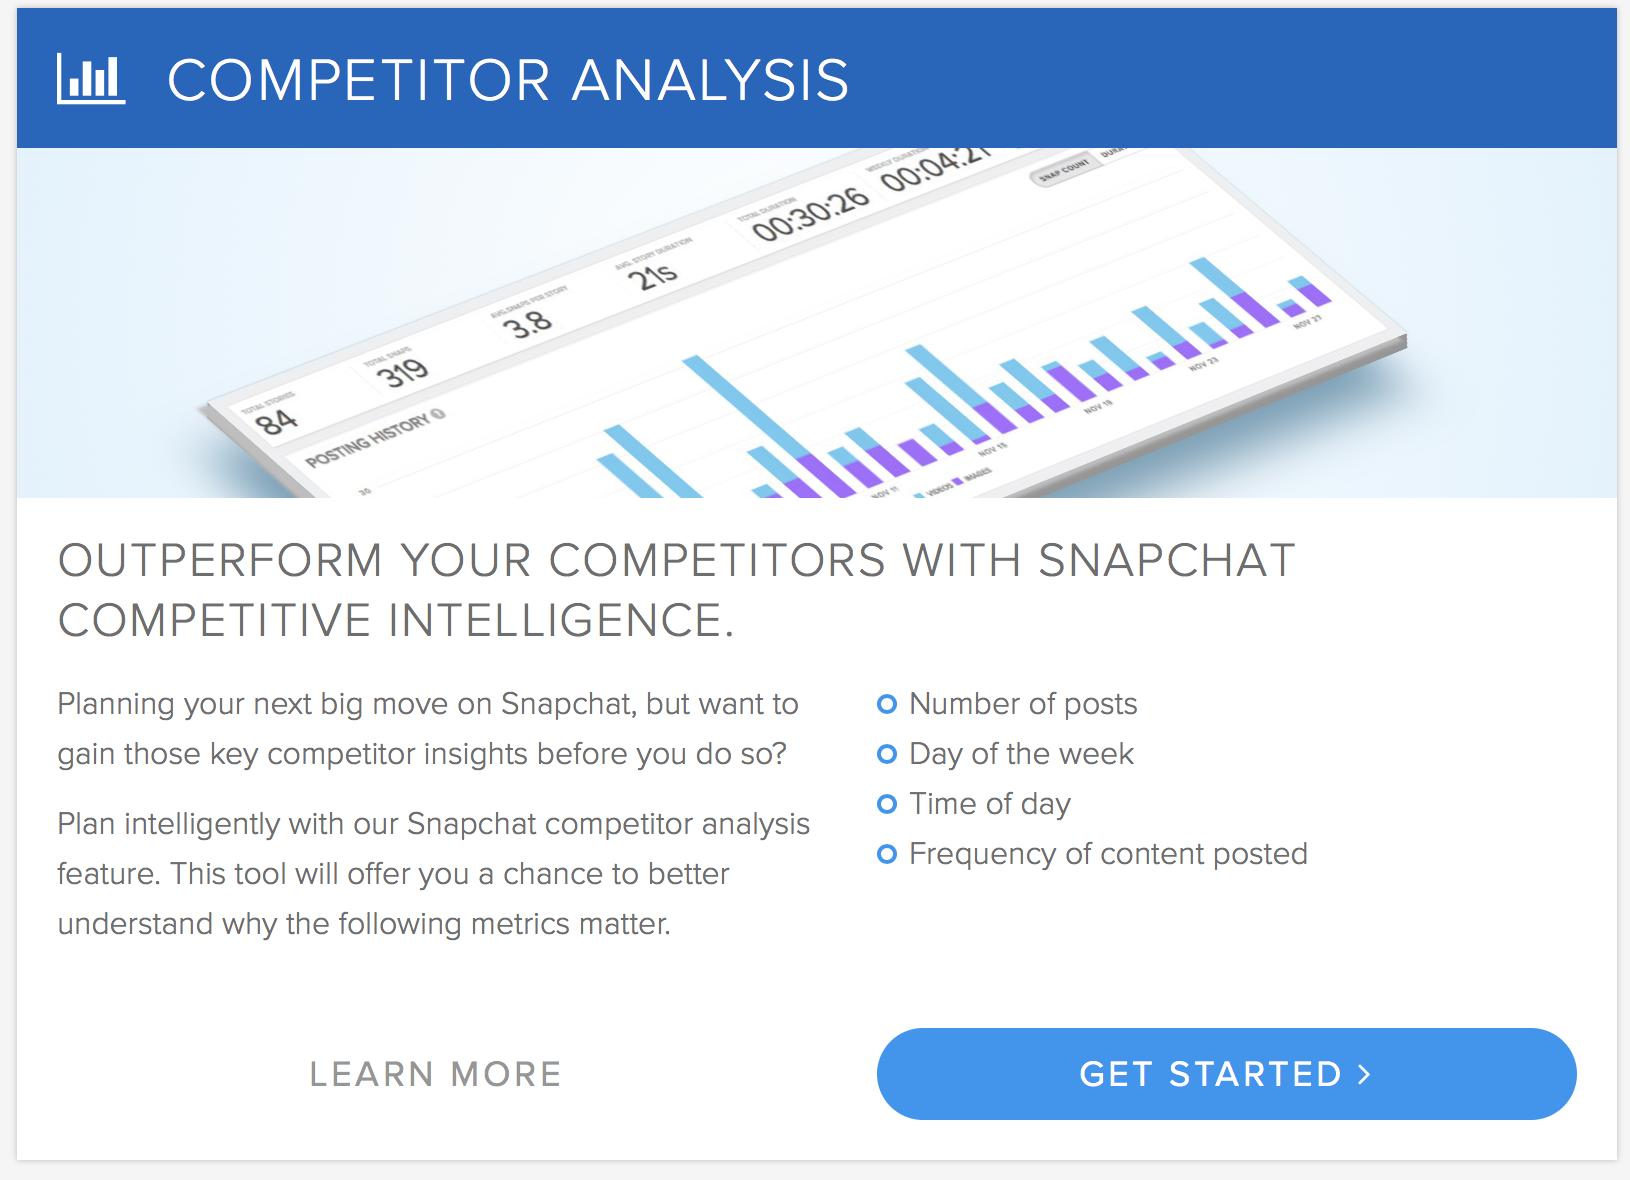 4 herramientas para investigar a tus competidores en redes sociales